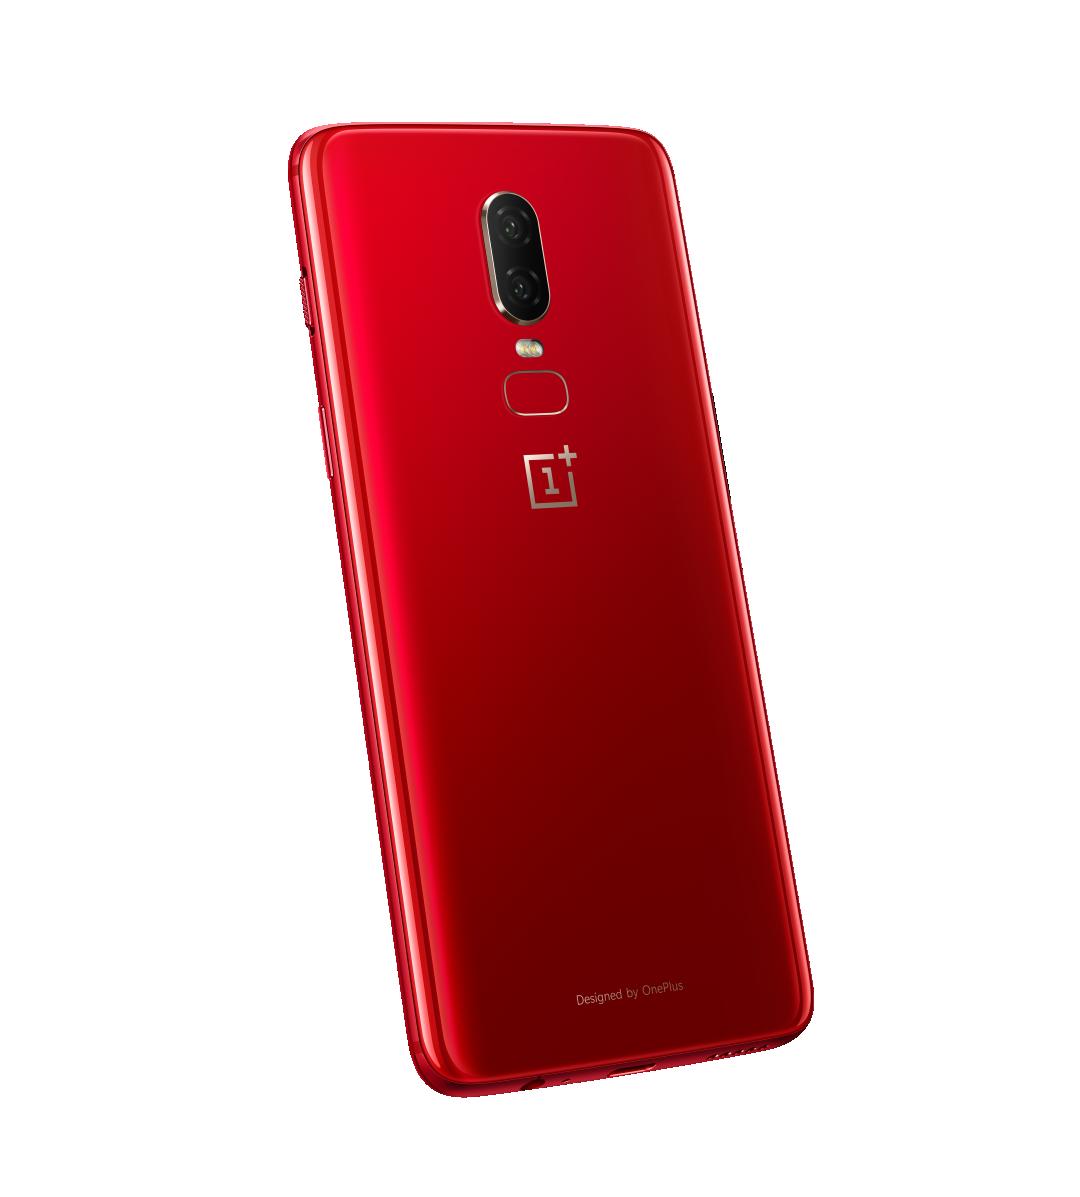 OnePlus выпустила OnePlus 6 в красном цвете2